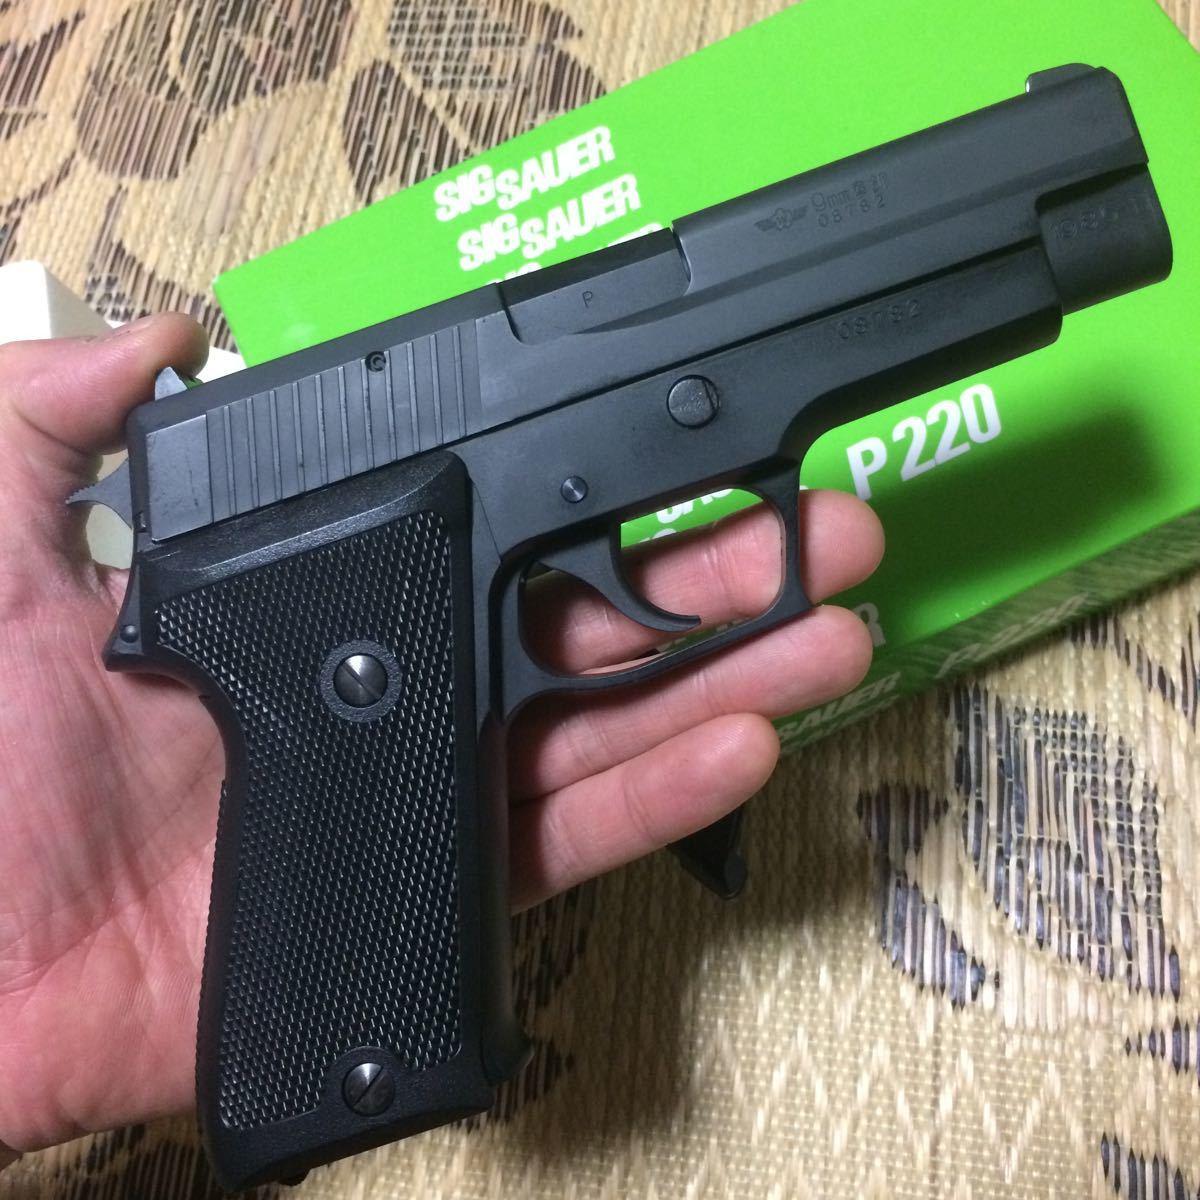 タナカ 航空自衛隊 P220 9mmけん銃 9mm拳銃 Ic ABS ガスブローバック_画像4